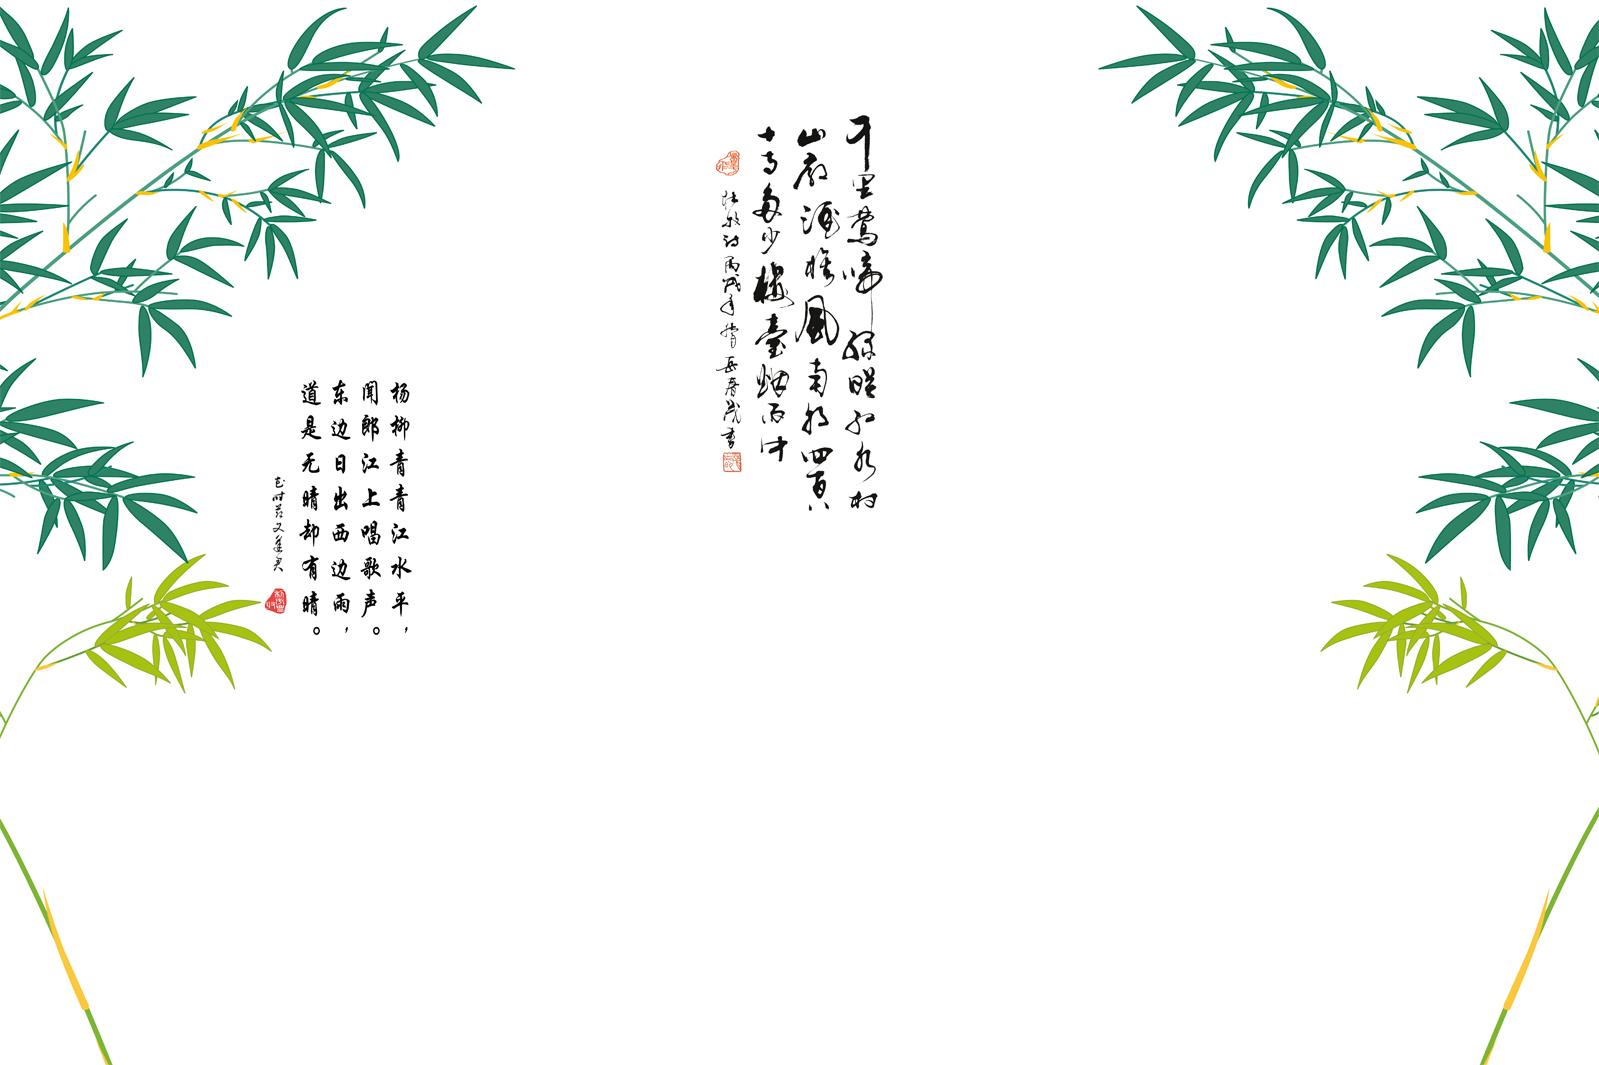 有关竹子的诗句-有关描写竹子的古诗